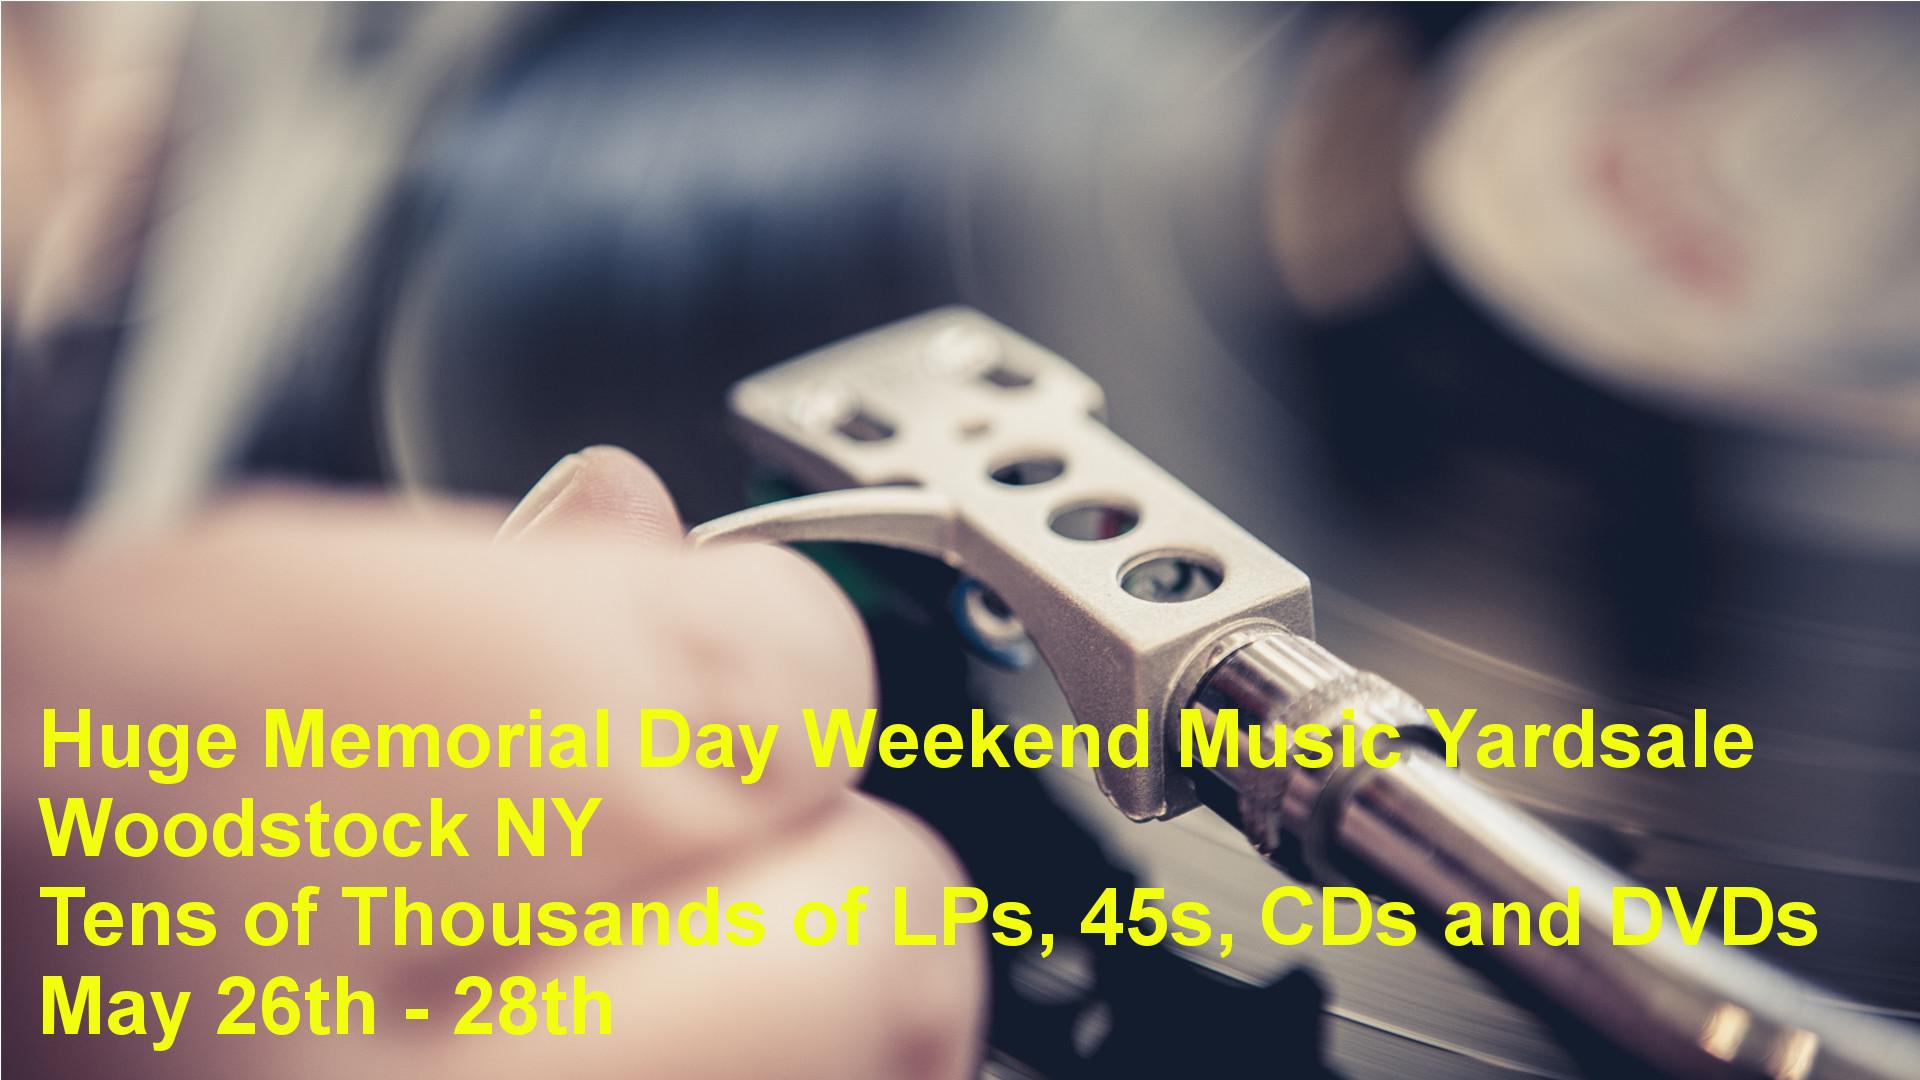 Huge Memorial Day Weekend Music Yardsale – Woodstock/West Saugerties NY – May 26th – 28th 2018